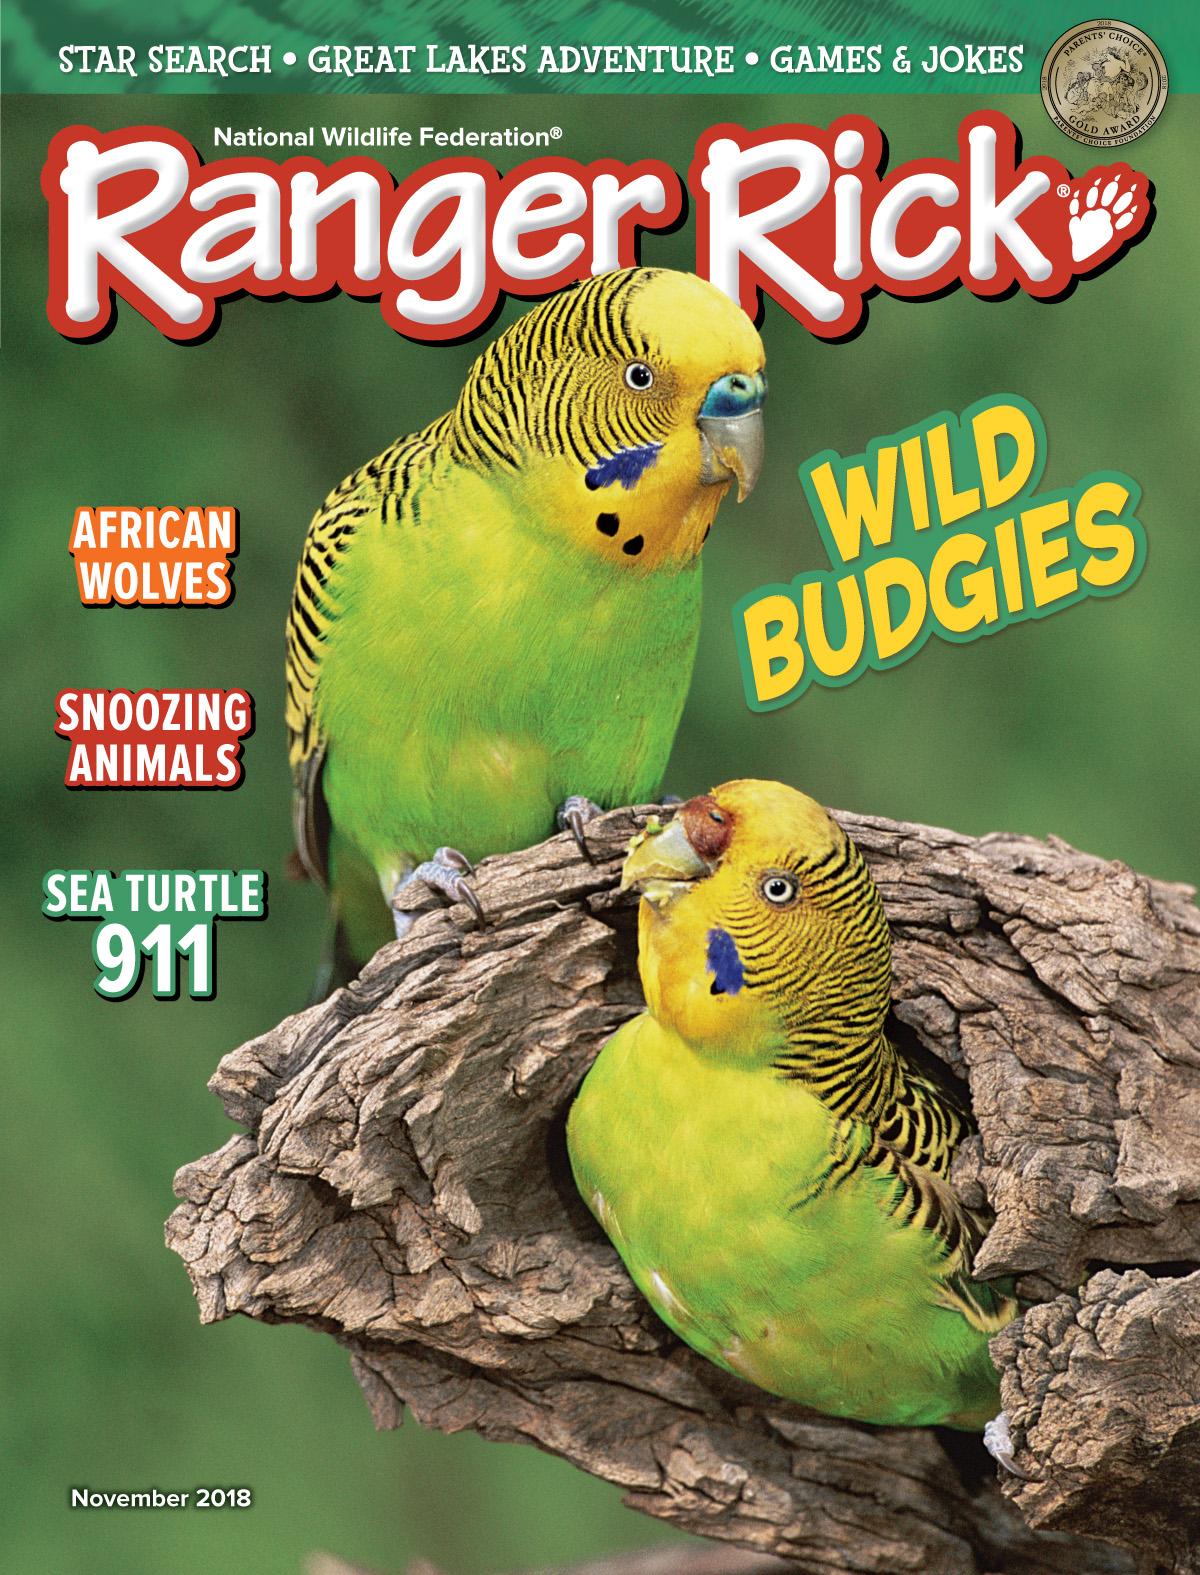 Budgie Boom! - NWF | Ranger Rick